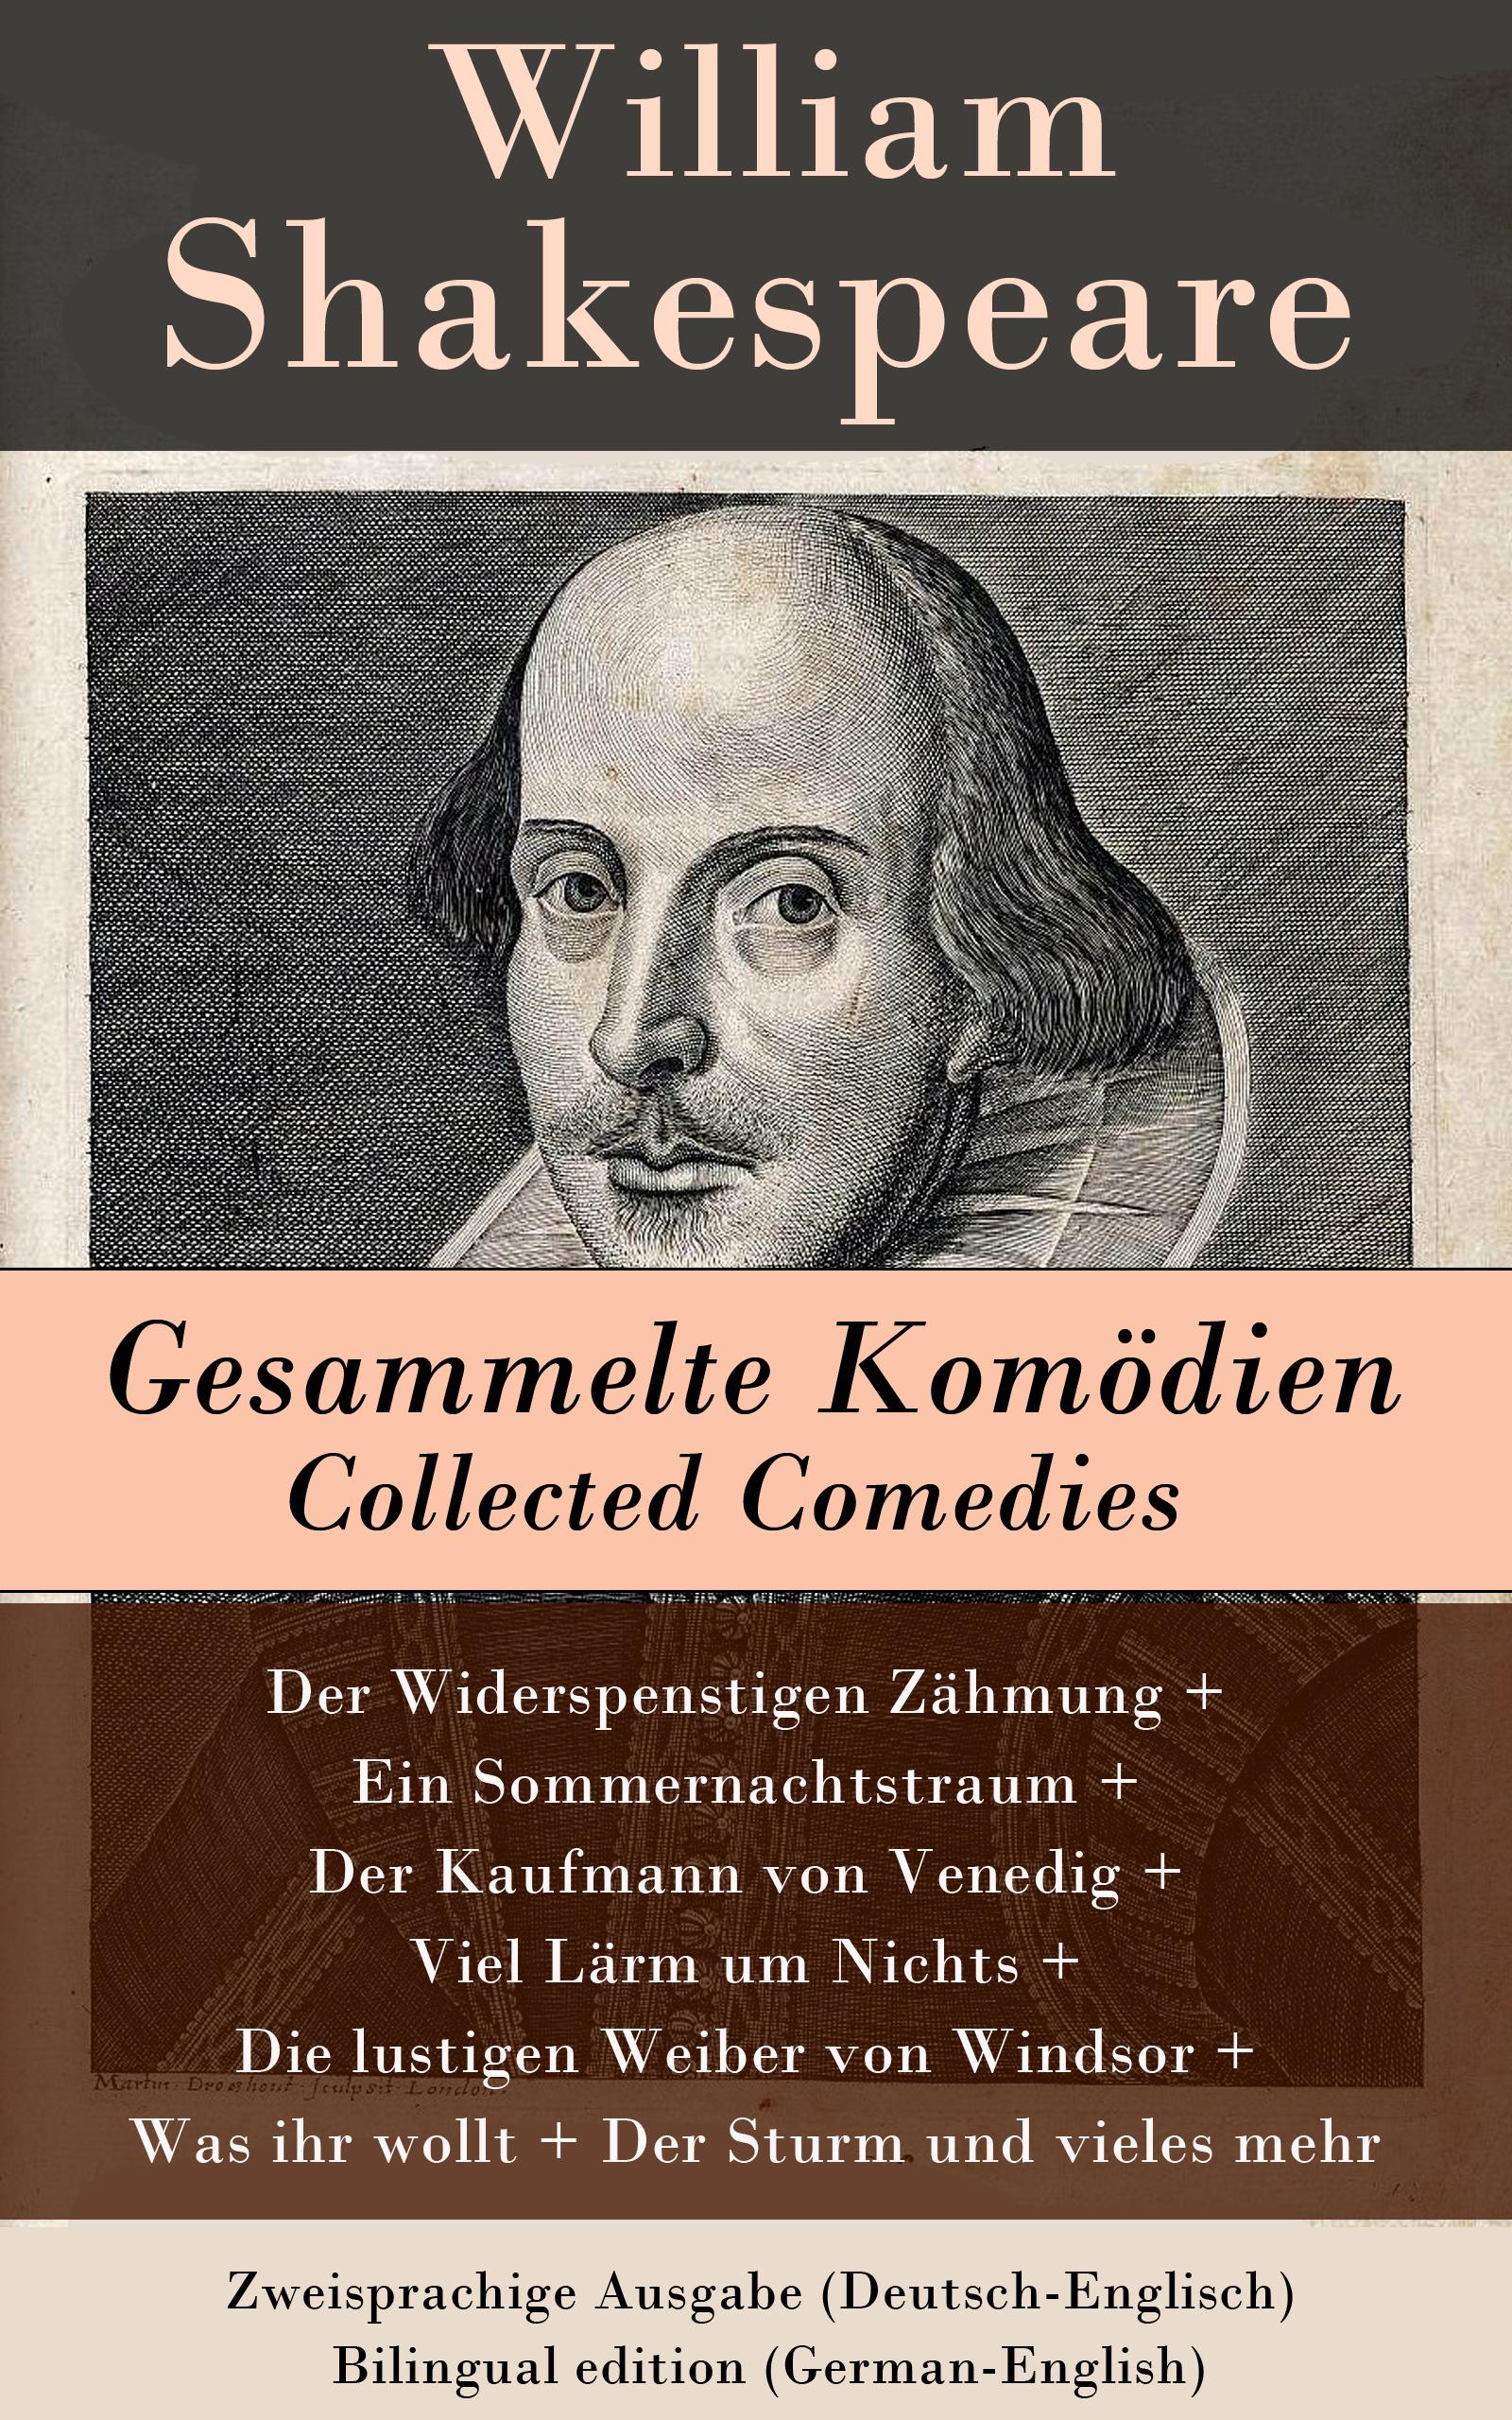 цена Уильям Шекспир Gesammelte Komödien / Collected Comedies - Zweisprachige Ausgabe (Deutsch-Englisch) / Bilingual edition (German-English) онлайн в 2017 году